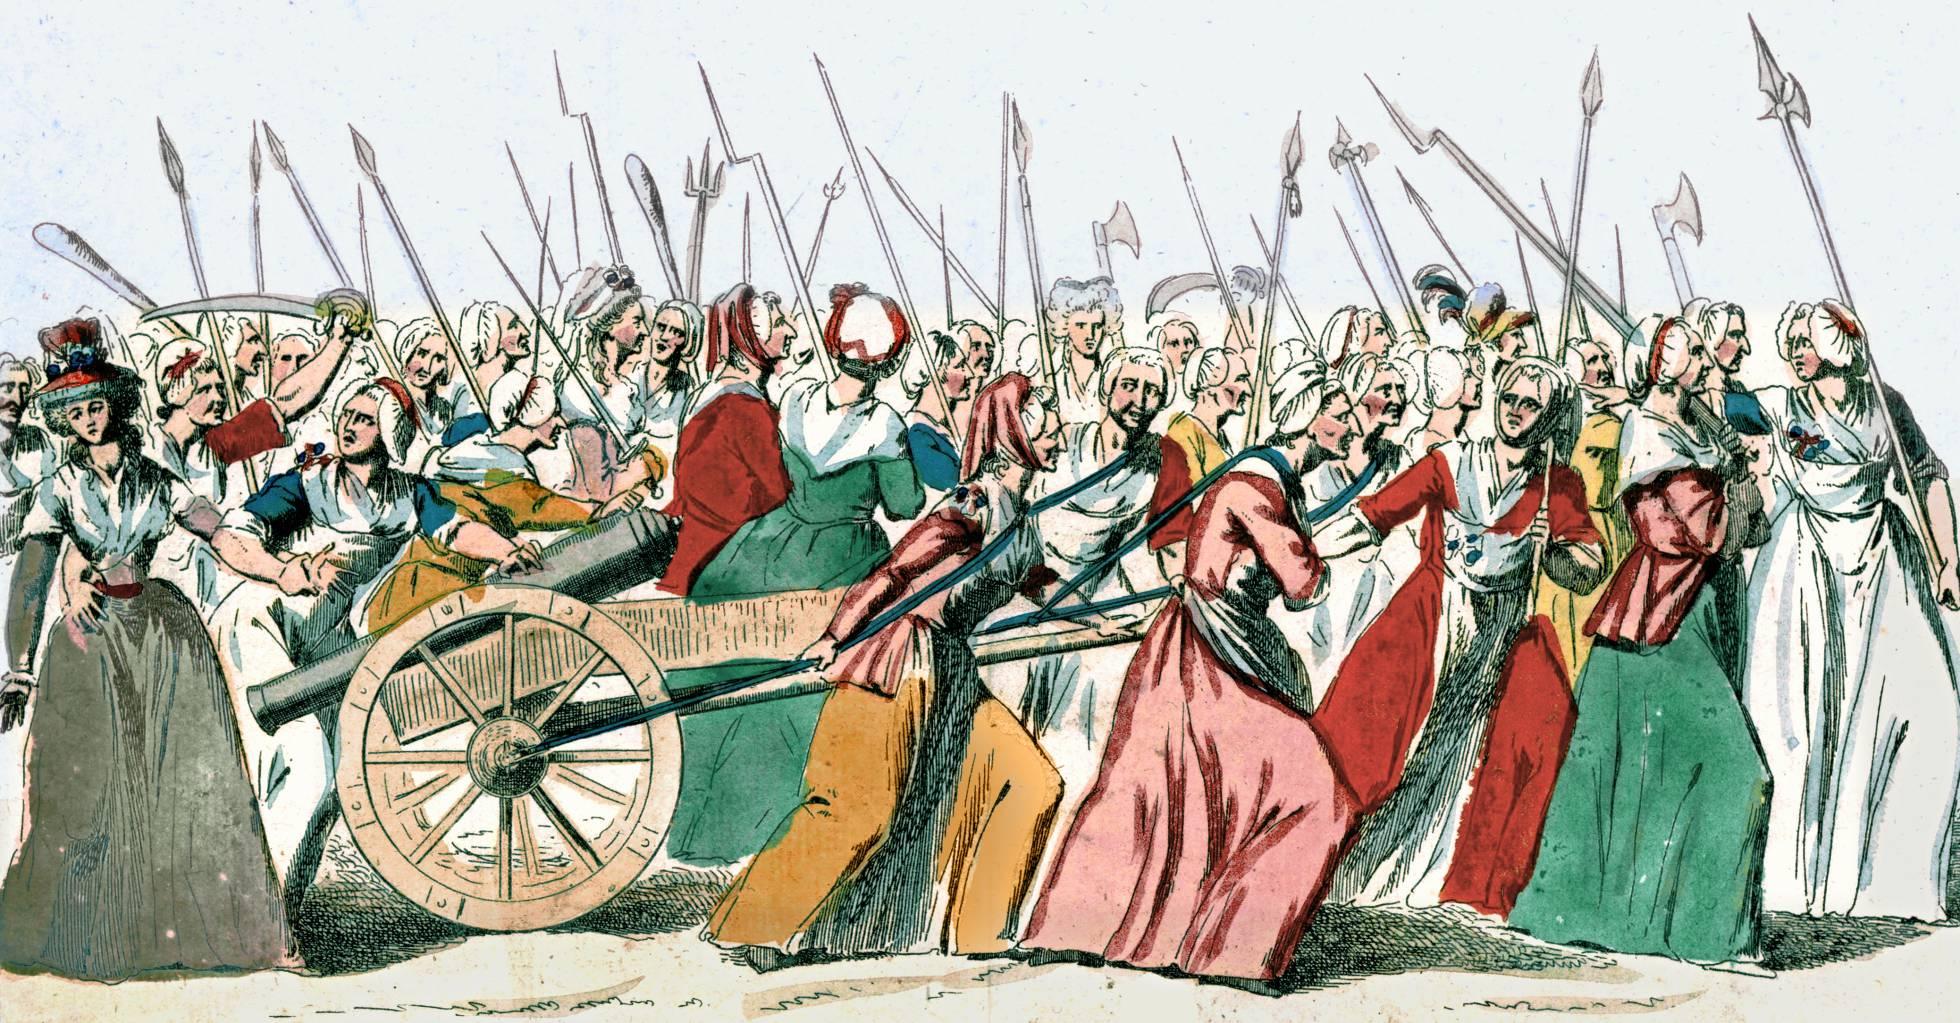 Mujeres en la marcha sobre Versailles el 5 y 6 de octubre de 1789. BIBLIOTECA NACIONAL DE FRANCIA